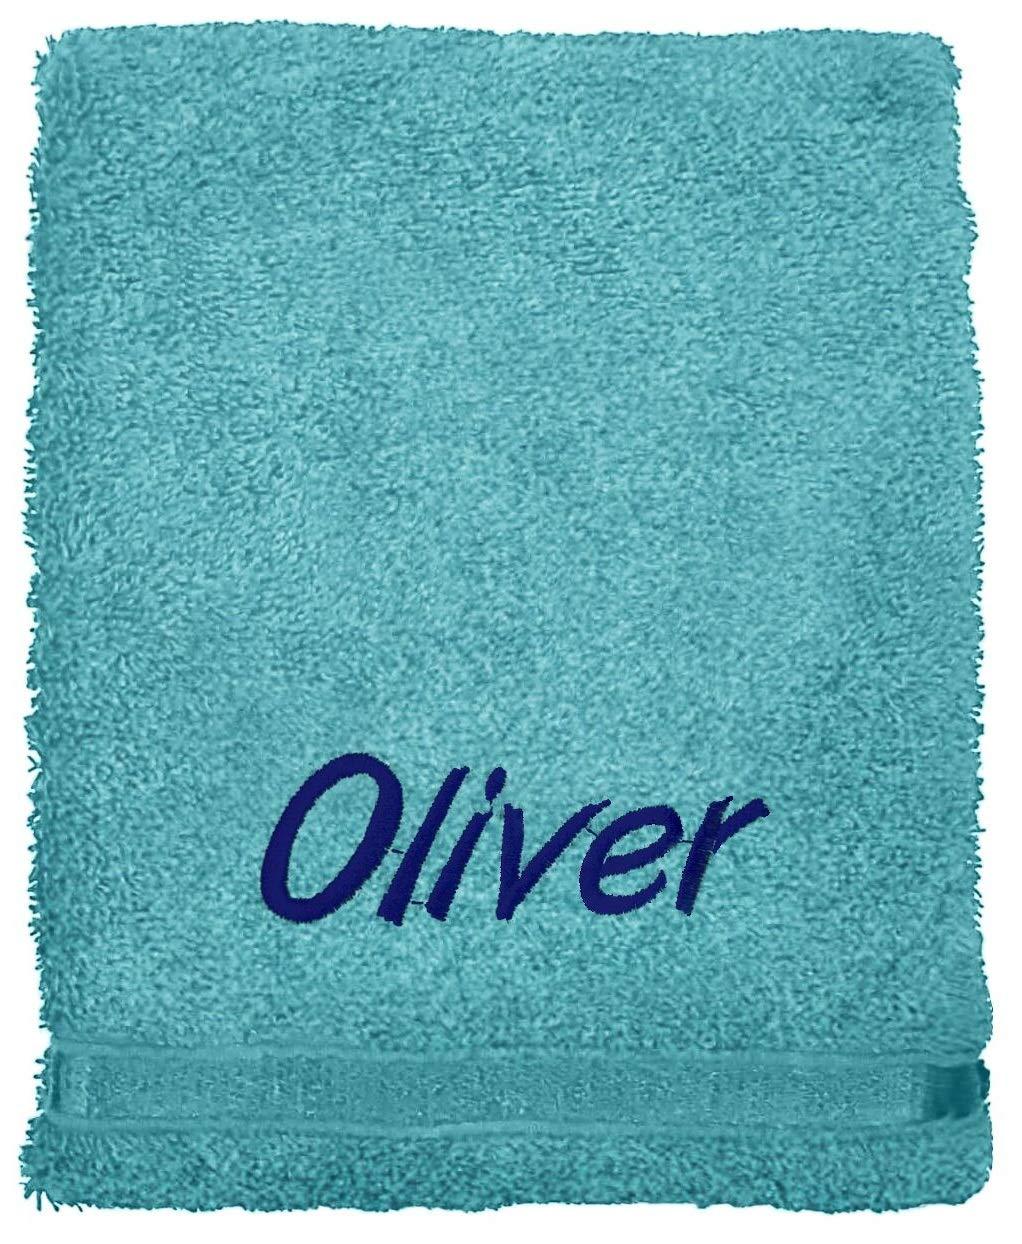 Juego de toallas bordadas personalizadas, ideal para regalo. Ponga cualquier nombre | Toalla de cara | Toalla de manos | Toalla de ducha | Toalla de baño ...